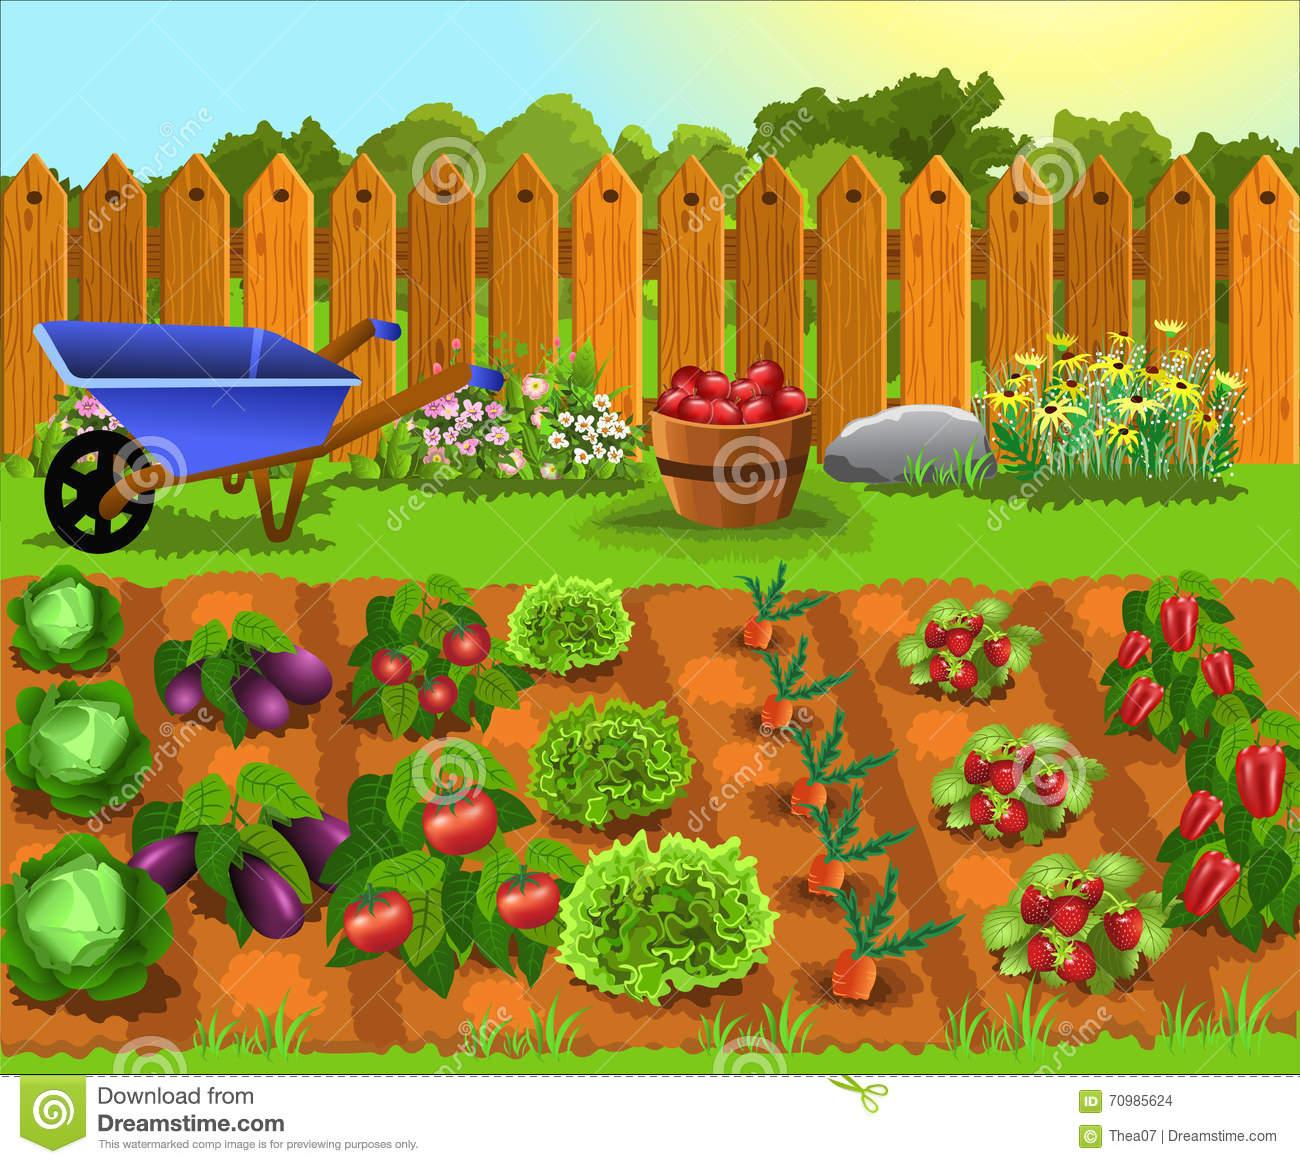 4-H Garden